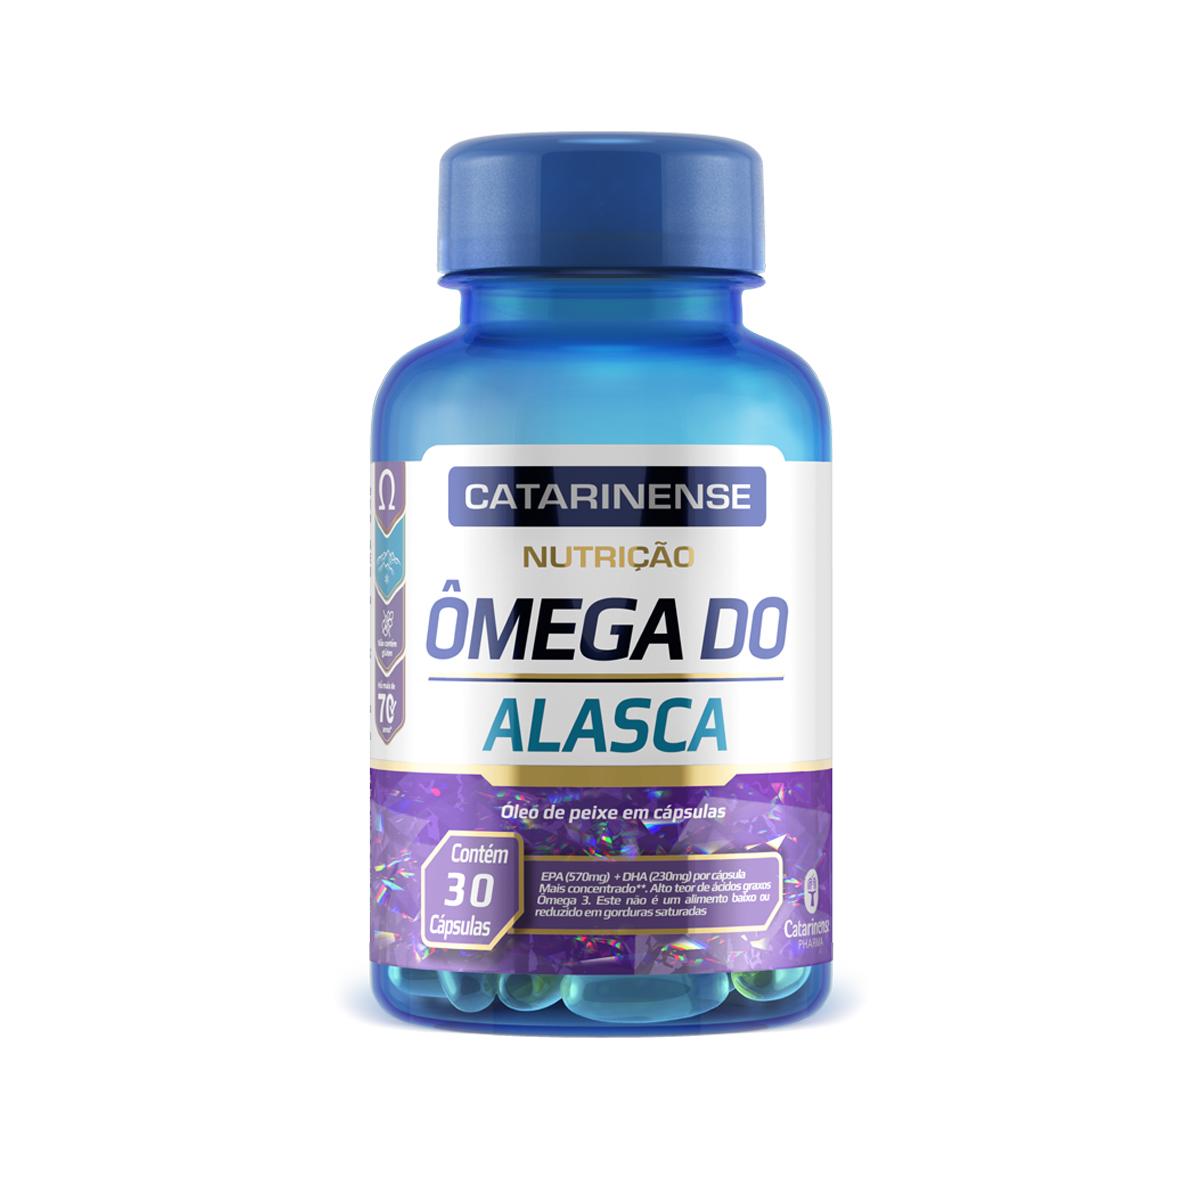 Ômega do Alasca DHA EPA 30 Cápsulas  - Catarinense